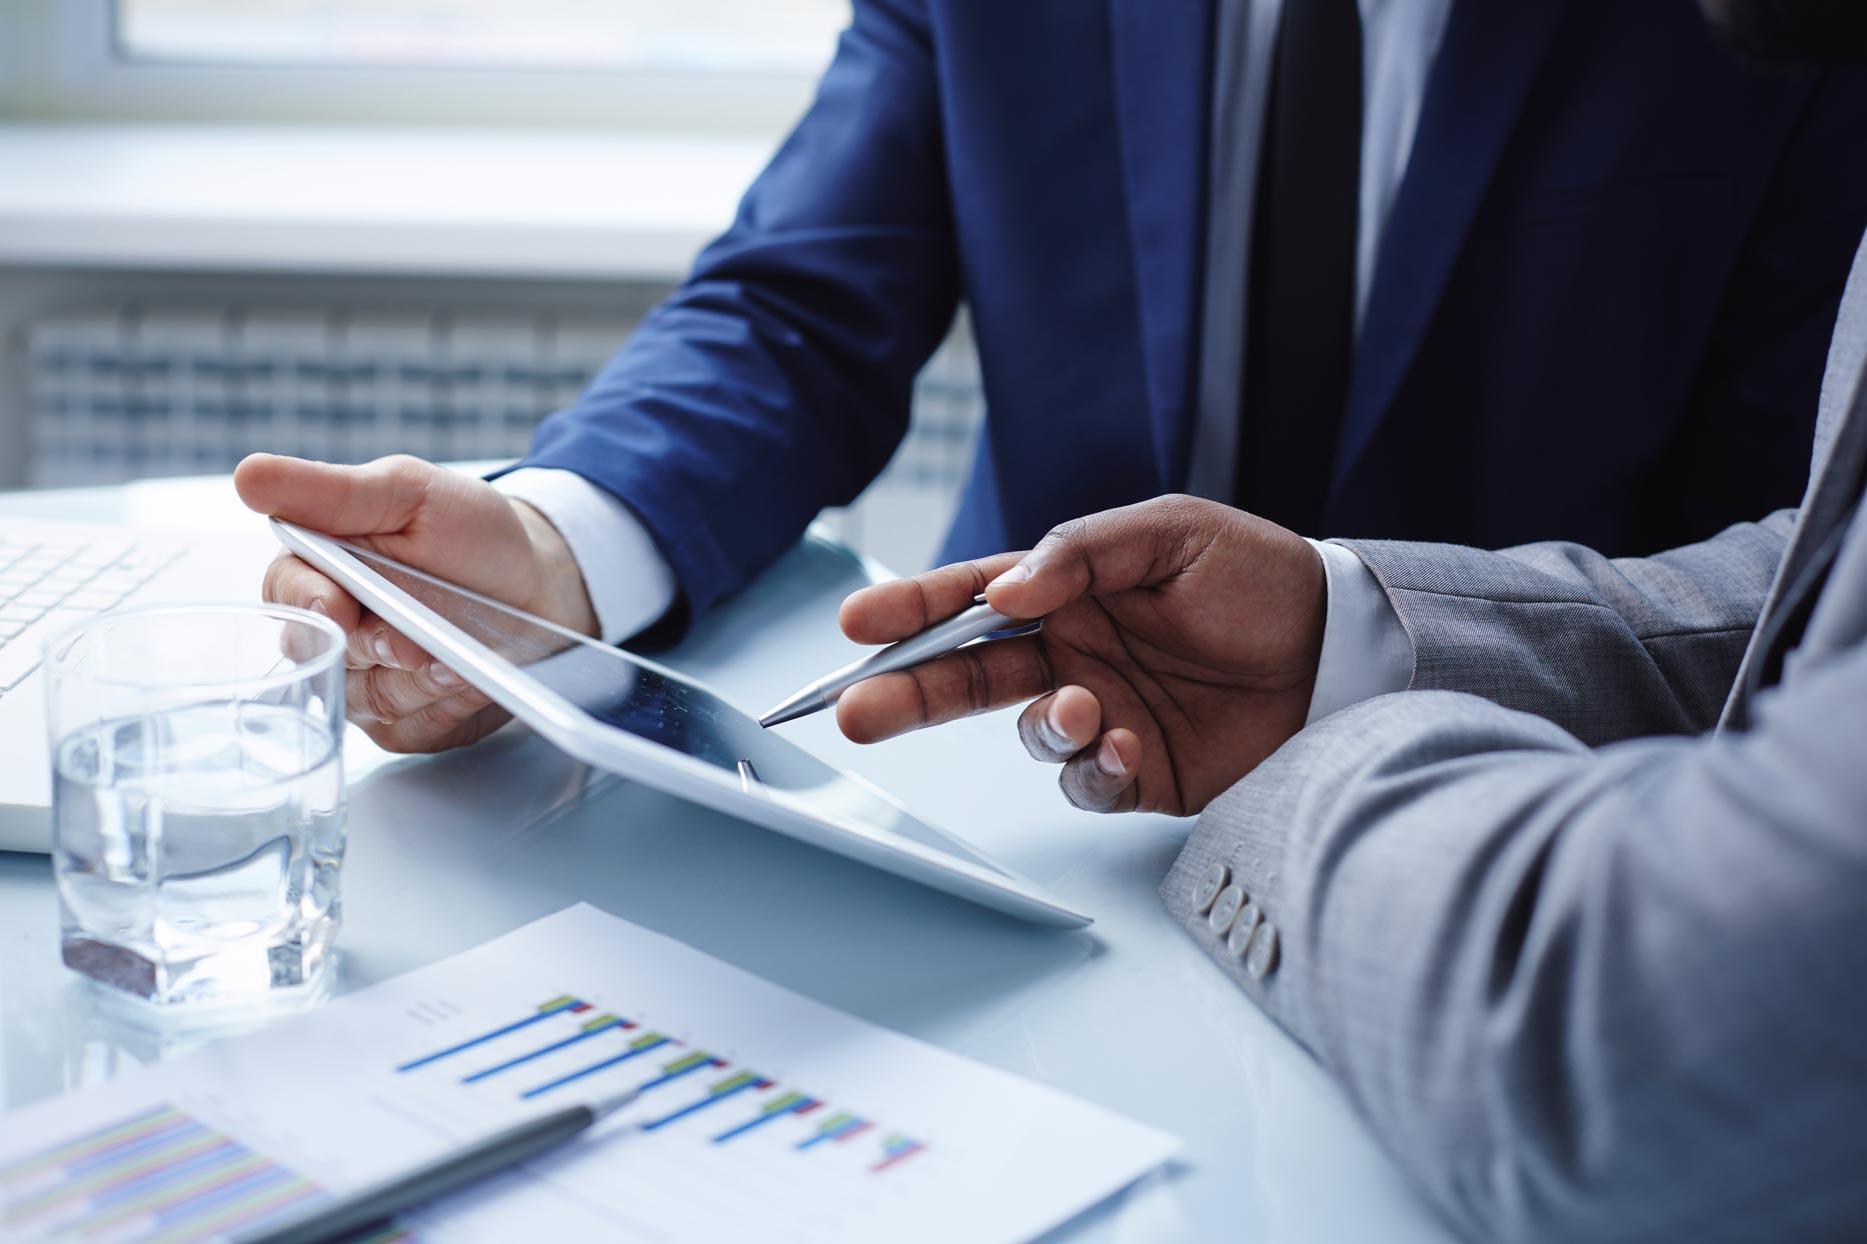 Opermedia – Tu negocio en su sitio – La pagina web que tu negocio necesita – Experto – Especialista